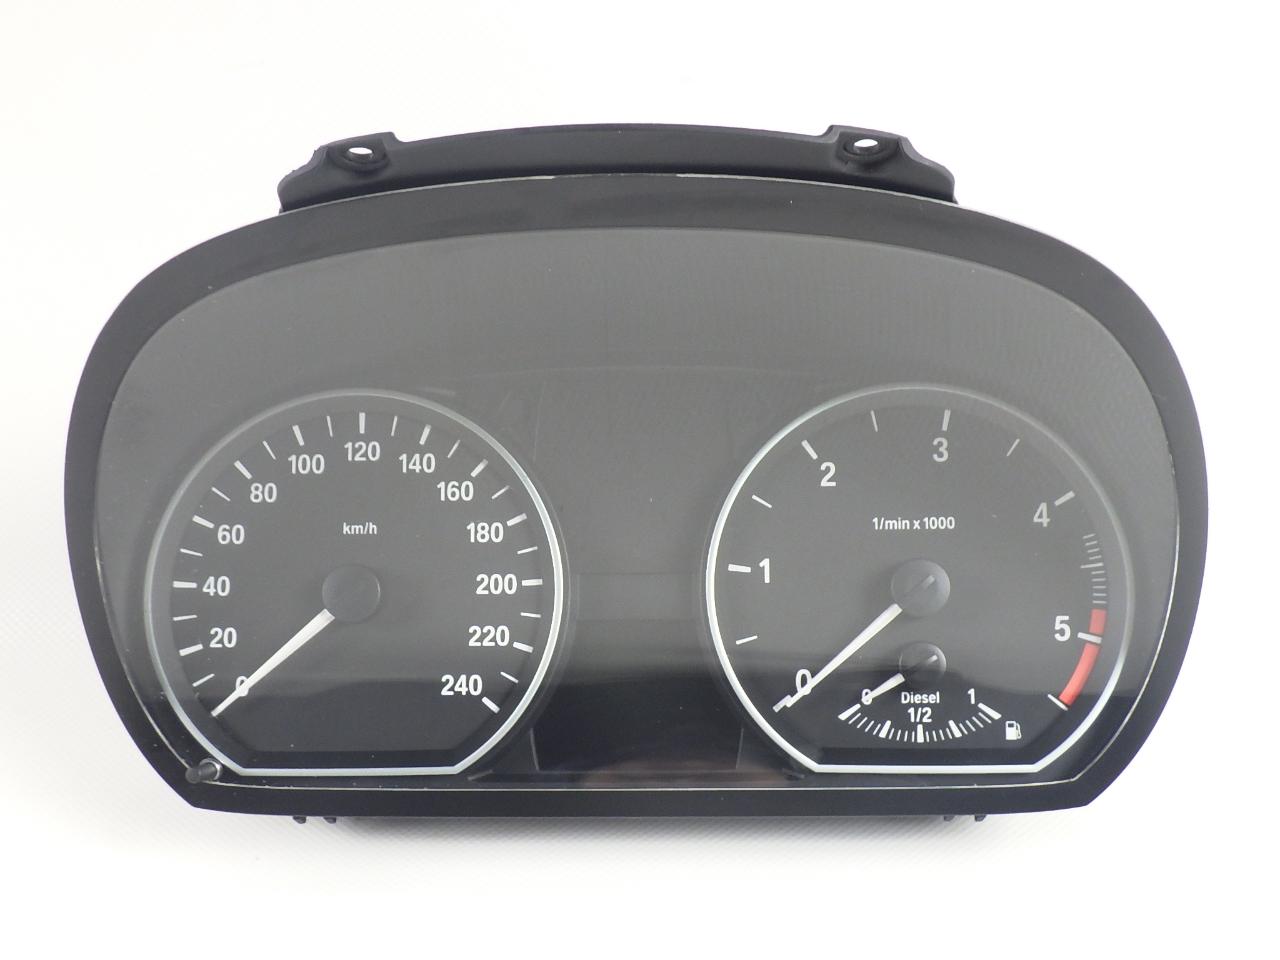 BMW 1 (E87) Spidometras 9141475-01 5072454